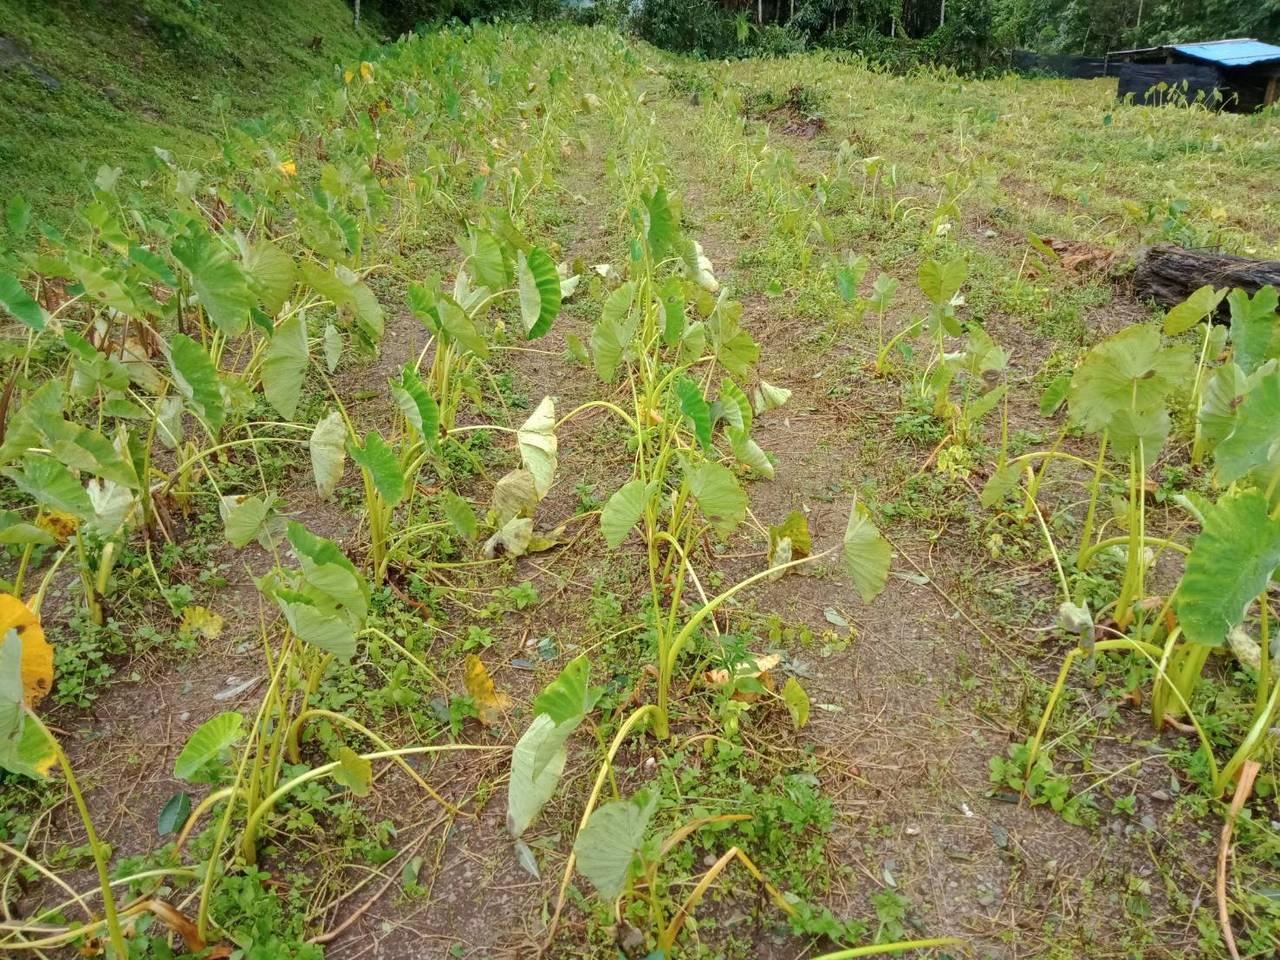 高雄市農業局到目前為止,目前主要受害農作物為芋。圖/高雄市農業局提供